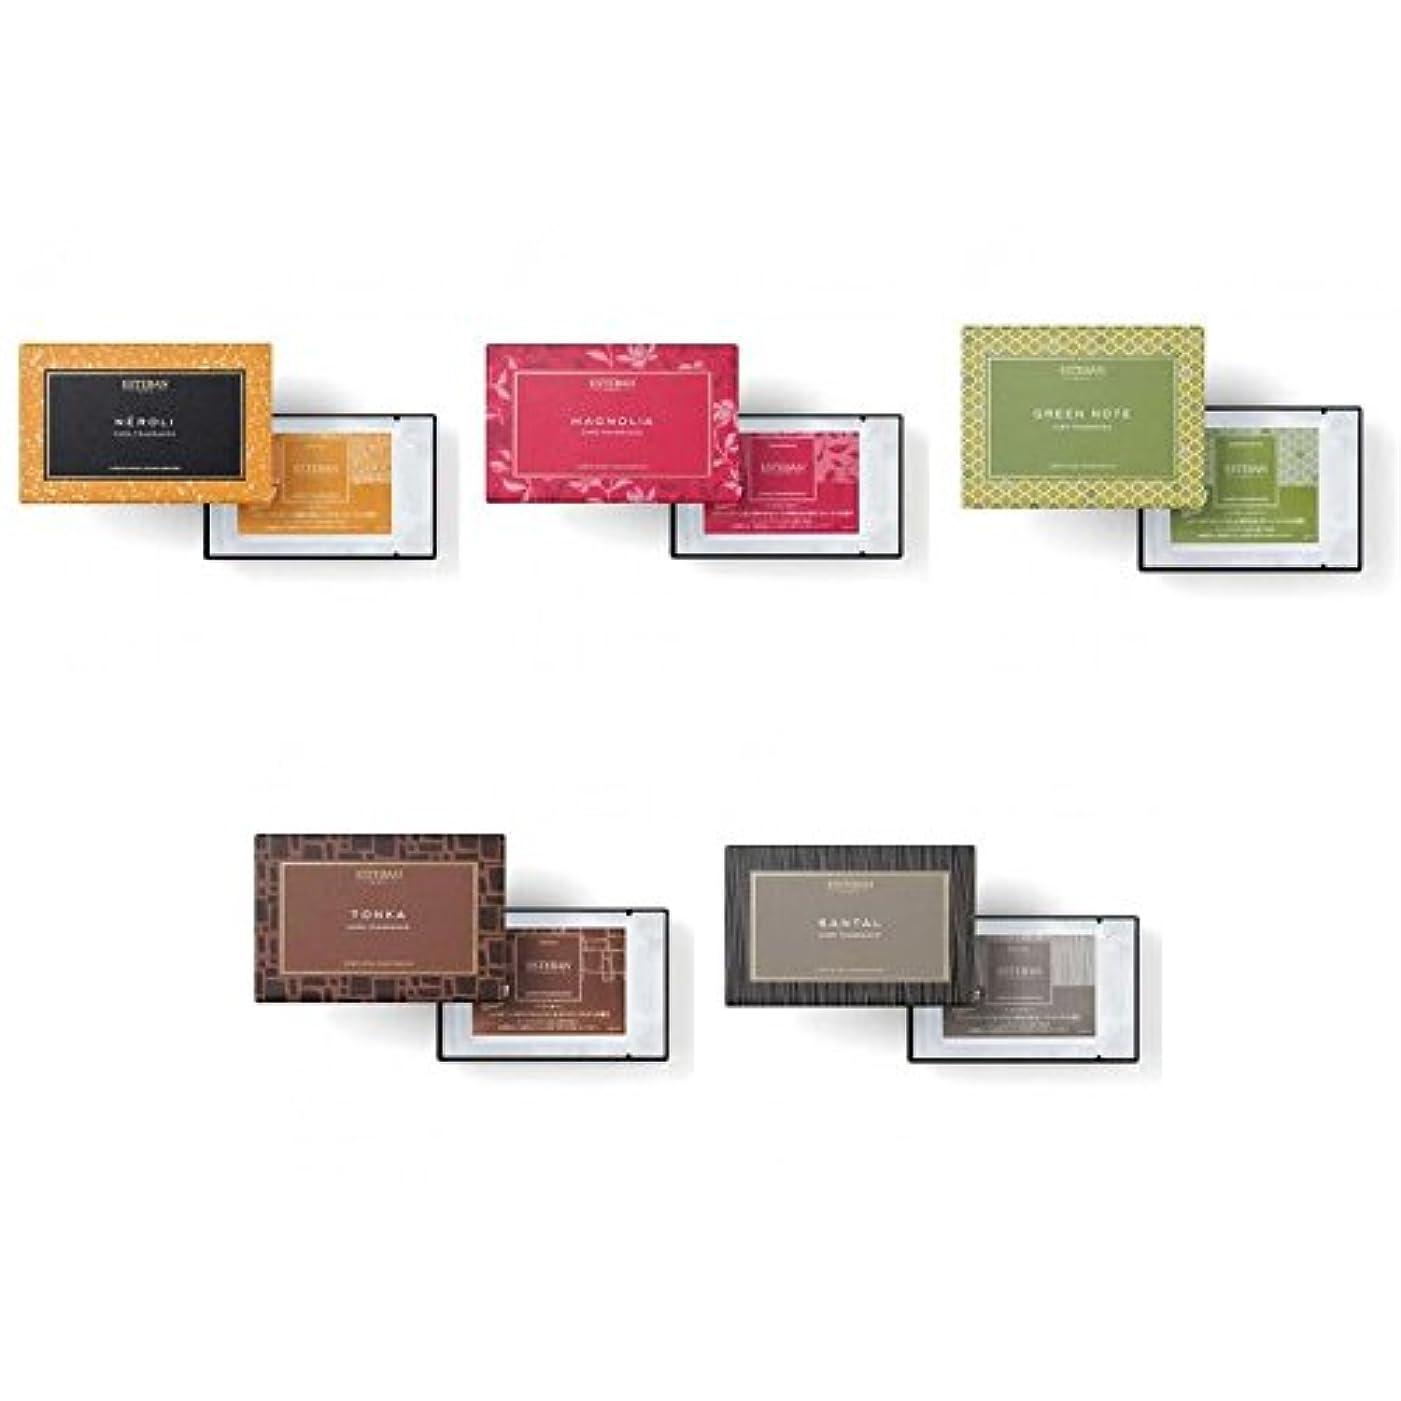 マット飲食店チャールズキージングエステバン カードフレグランス 5種セット